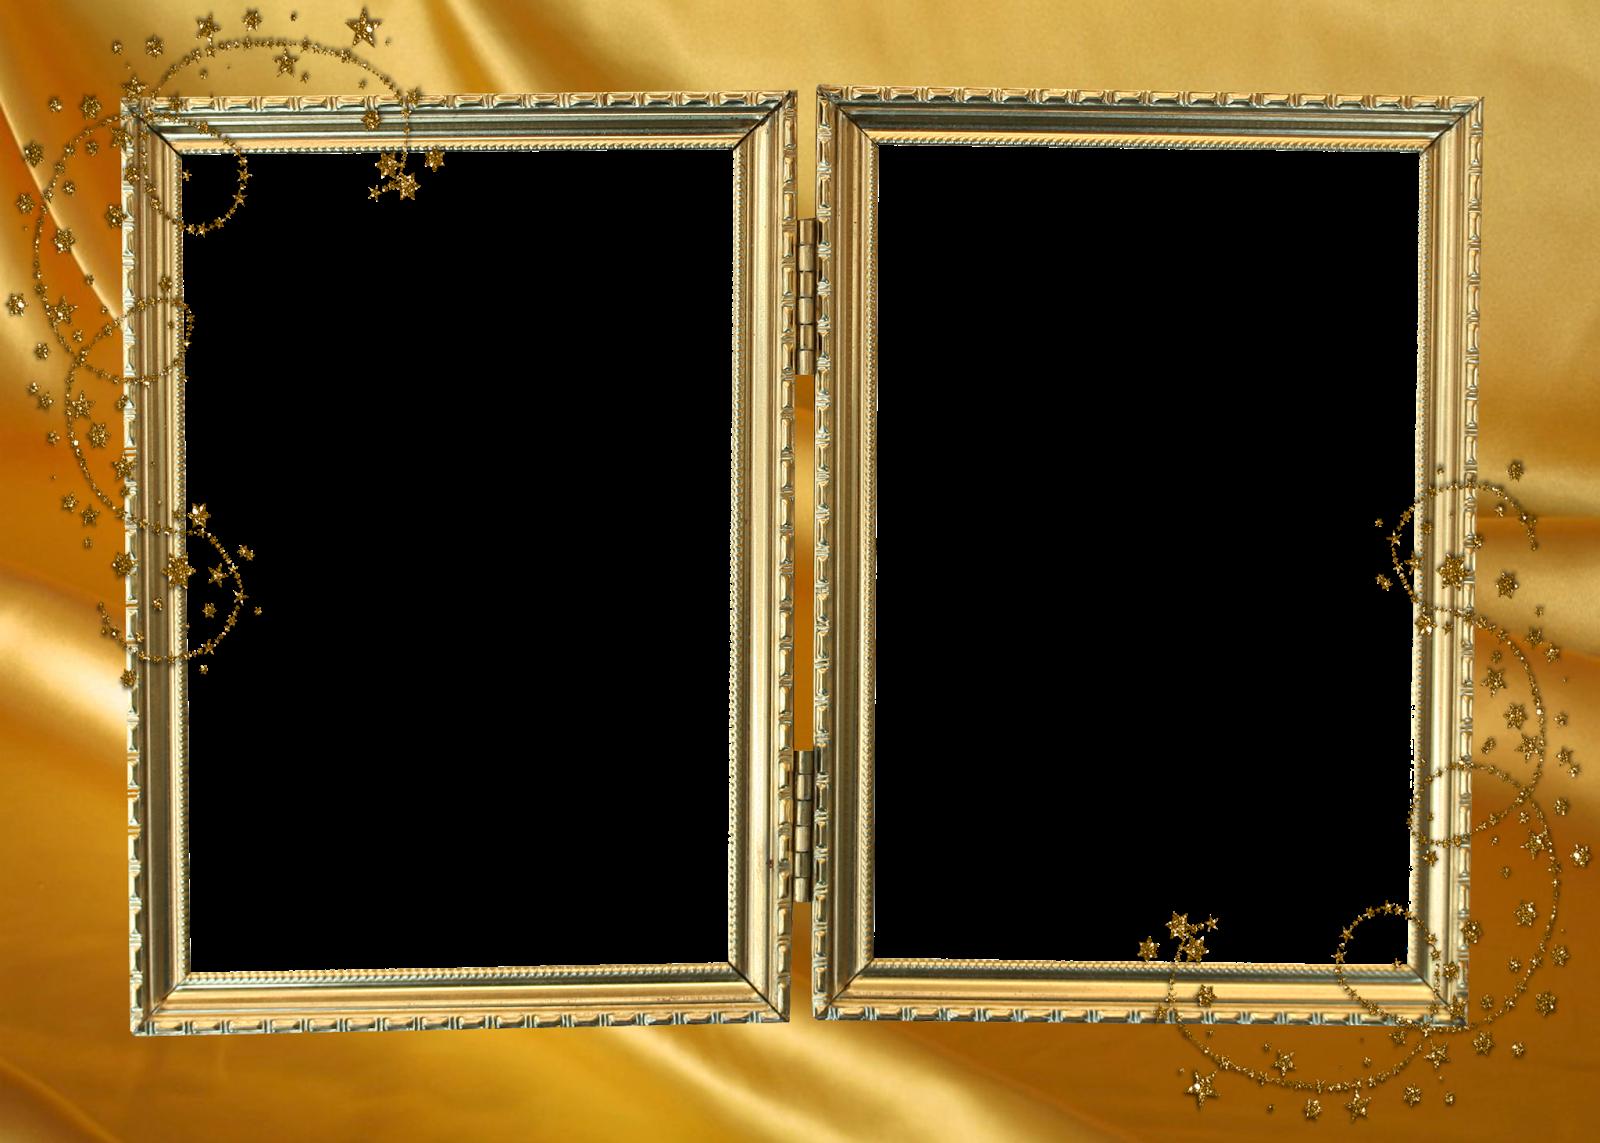 красивые рамки для двух фото порой